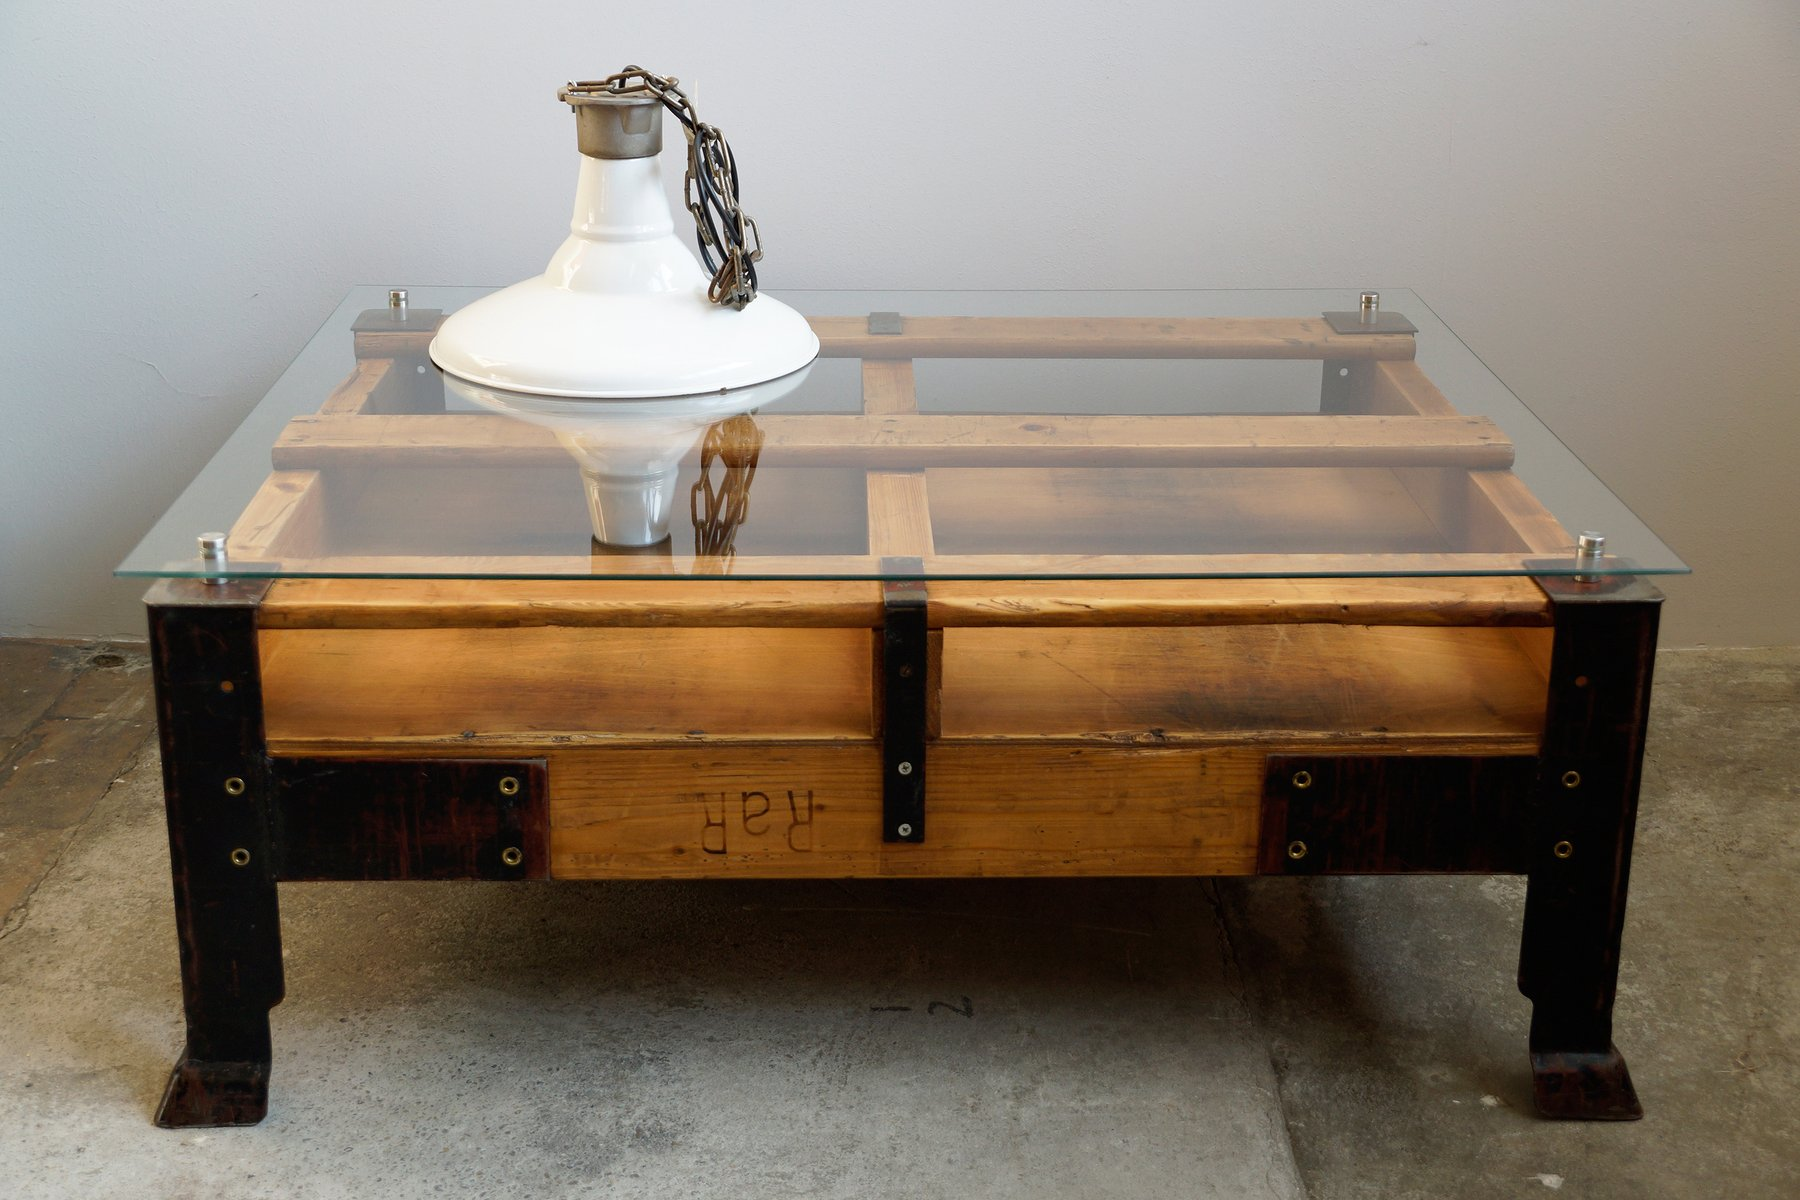 Table basse palette industrielle avec dessus en verre en vente sur pamono - Table basse dessus verre ...